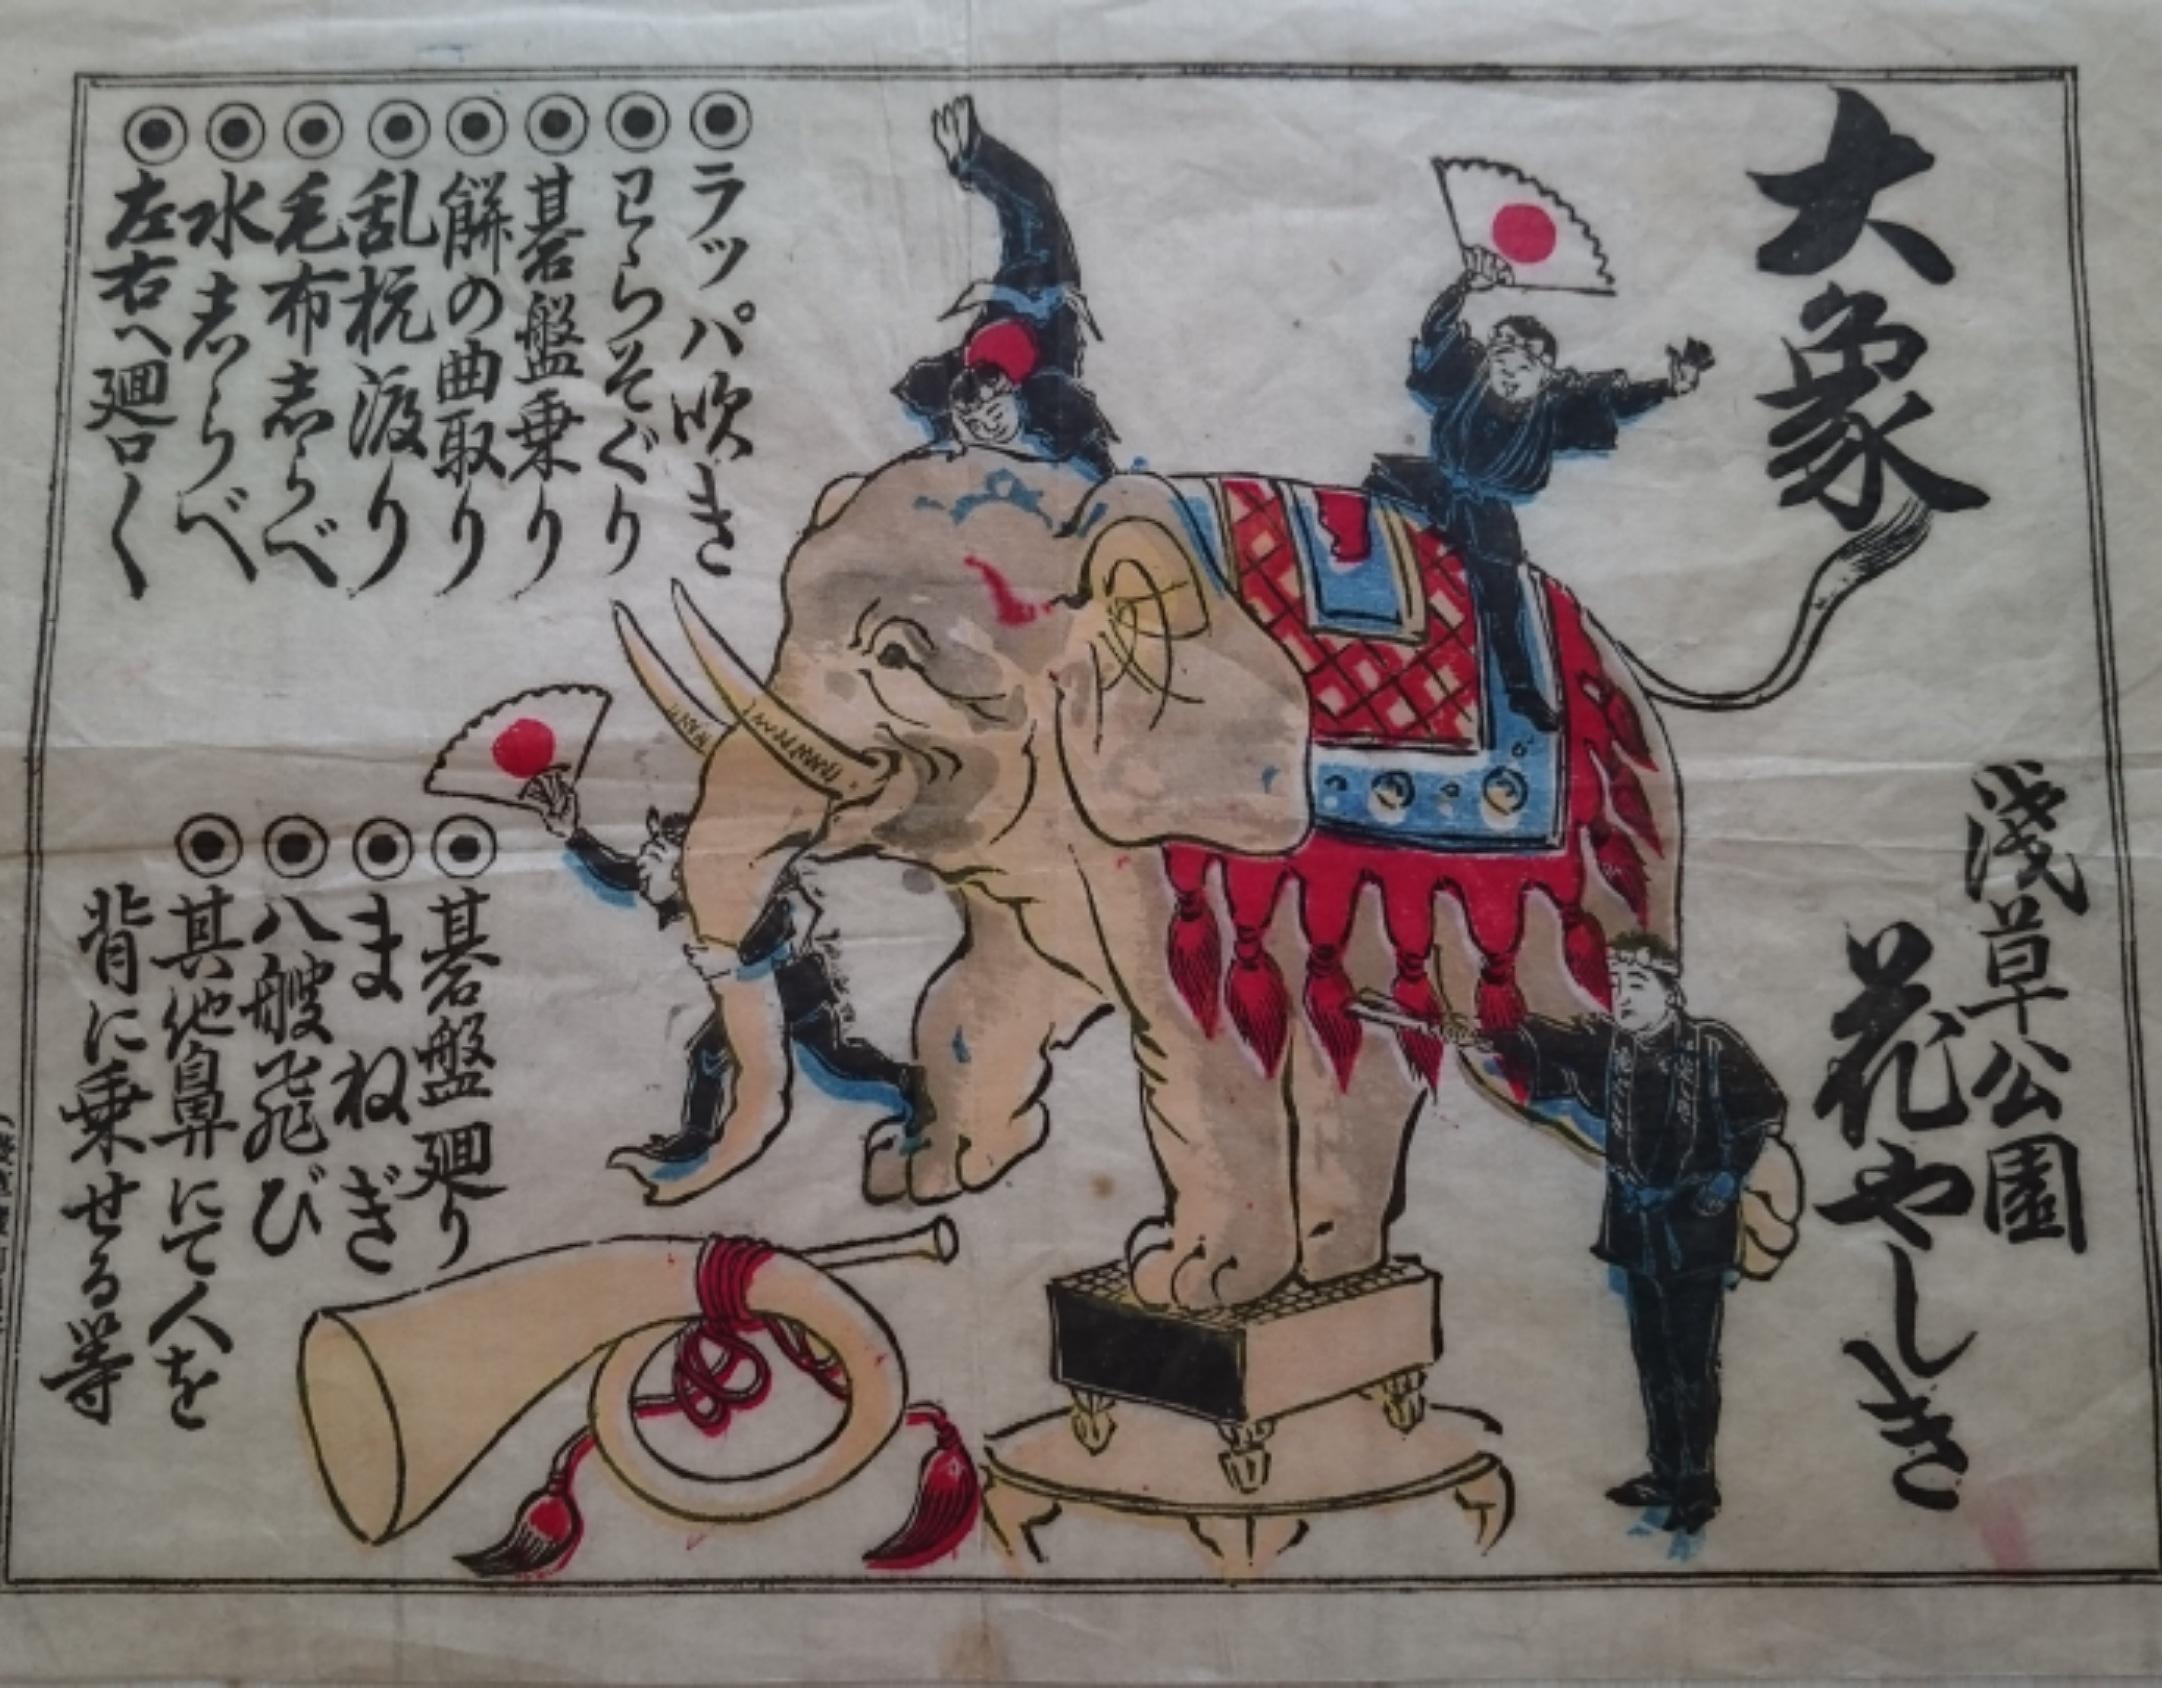 西条昇の浅草芸能史コレクション...